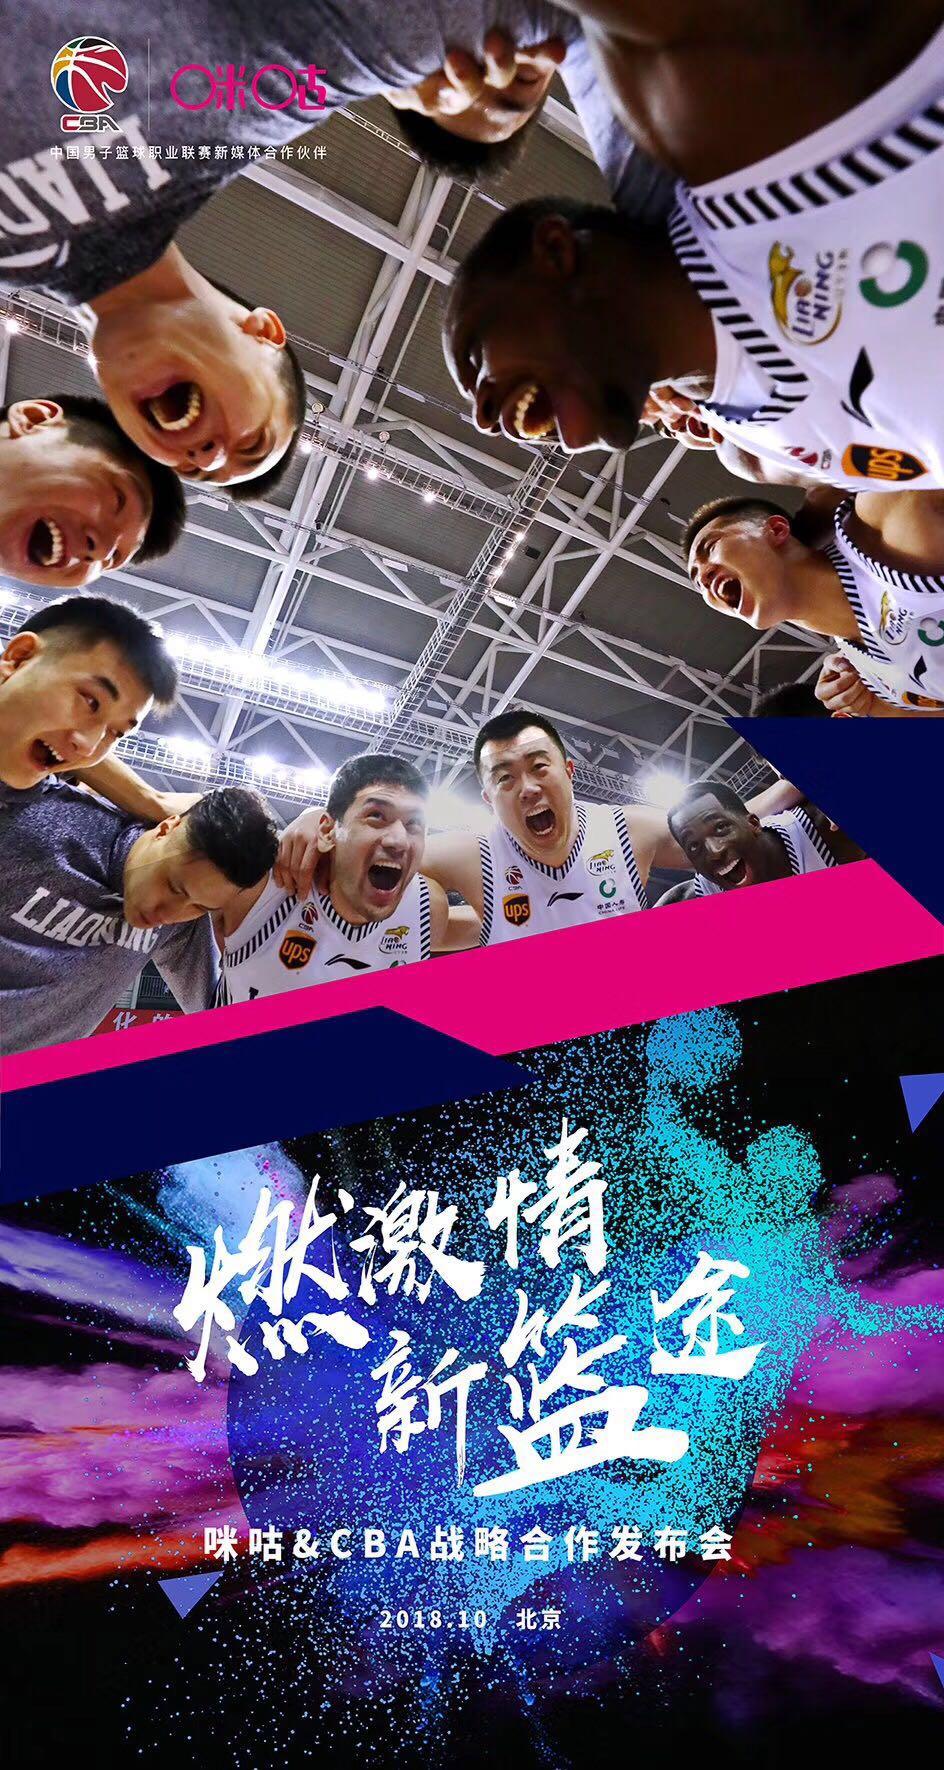 咪咕获得CBA版权,中国篮协主席、中篮联(北京)体育有限公司董事长姚明与你共同见证咪咕&CBA战略合作